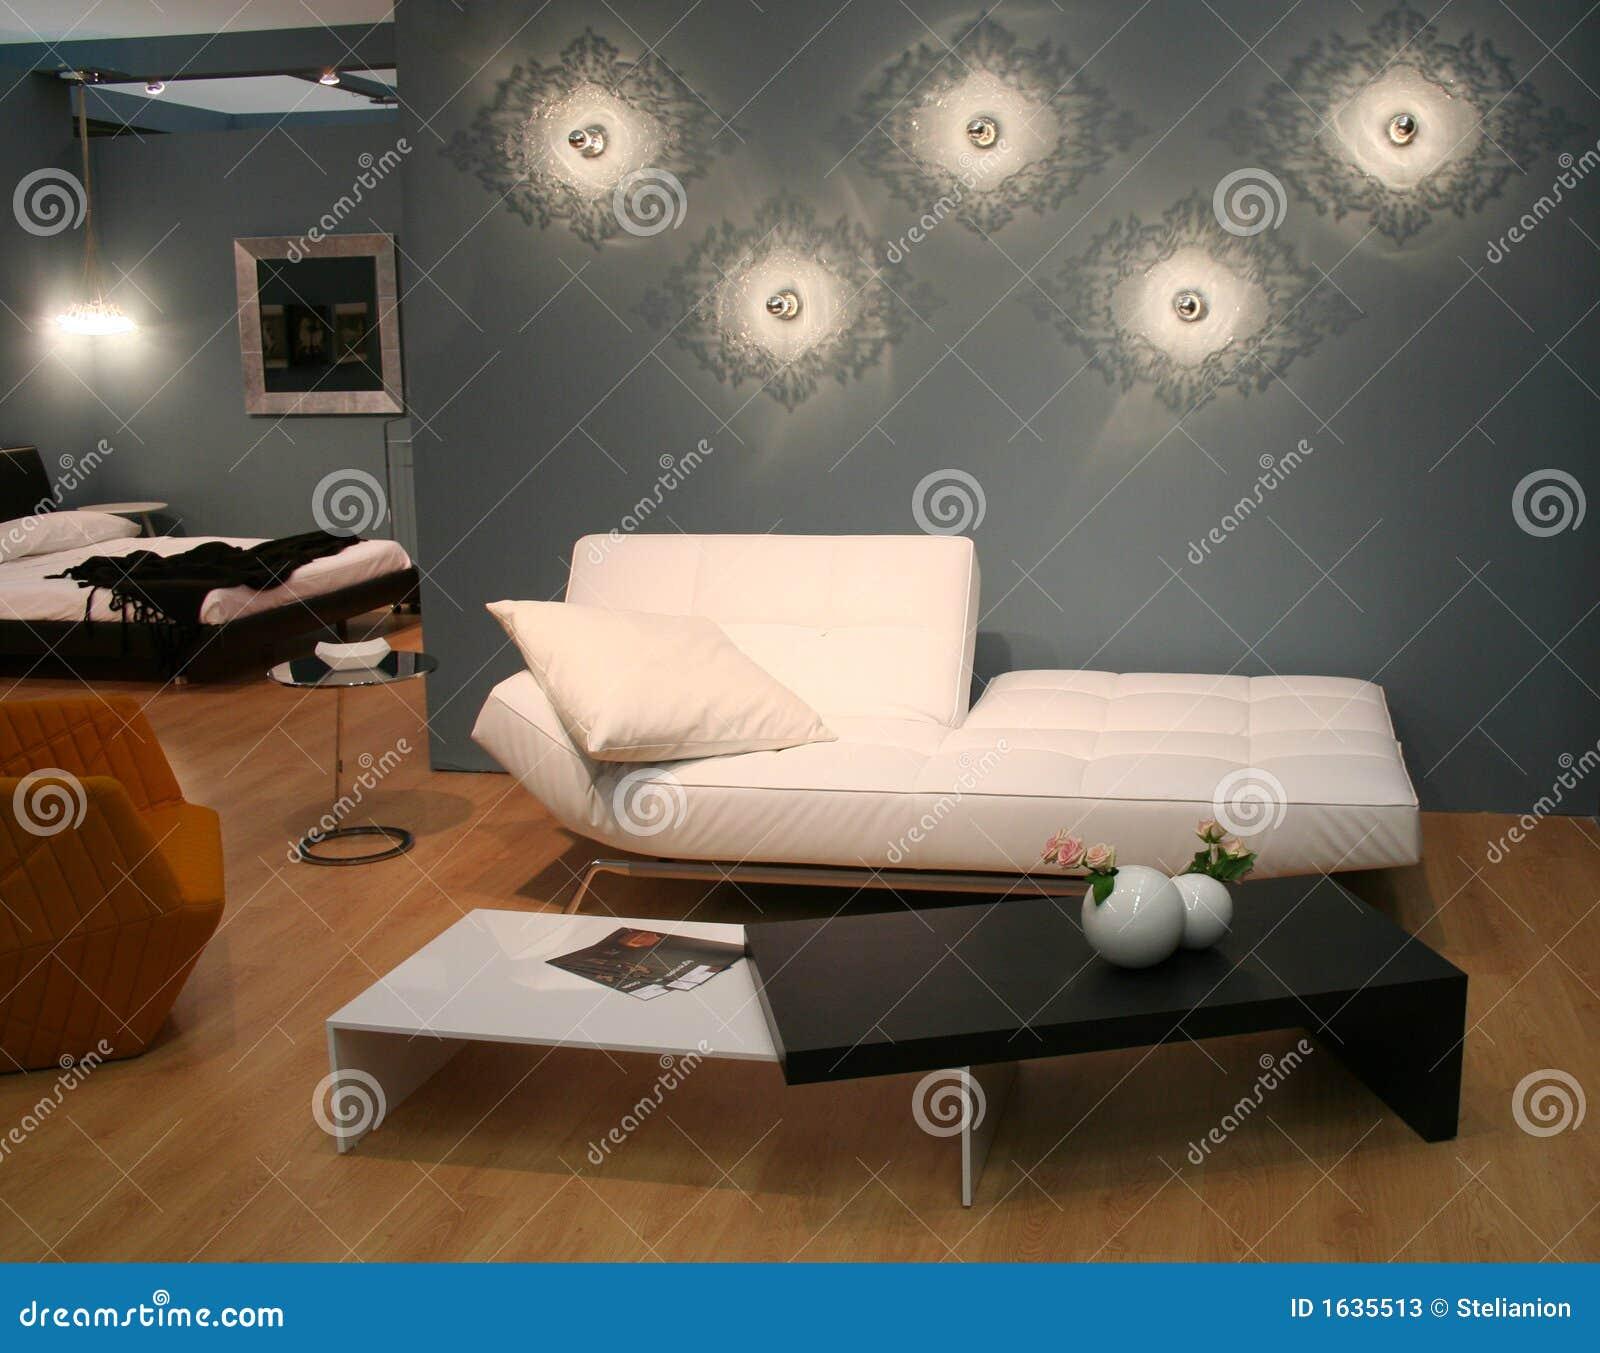 Woonkamer idee: pics photos tapijt idee voor woonkamers woonkamer ...